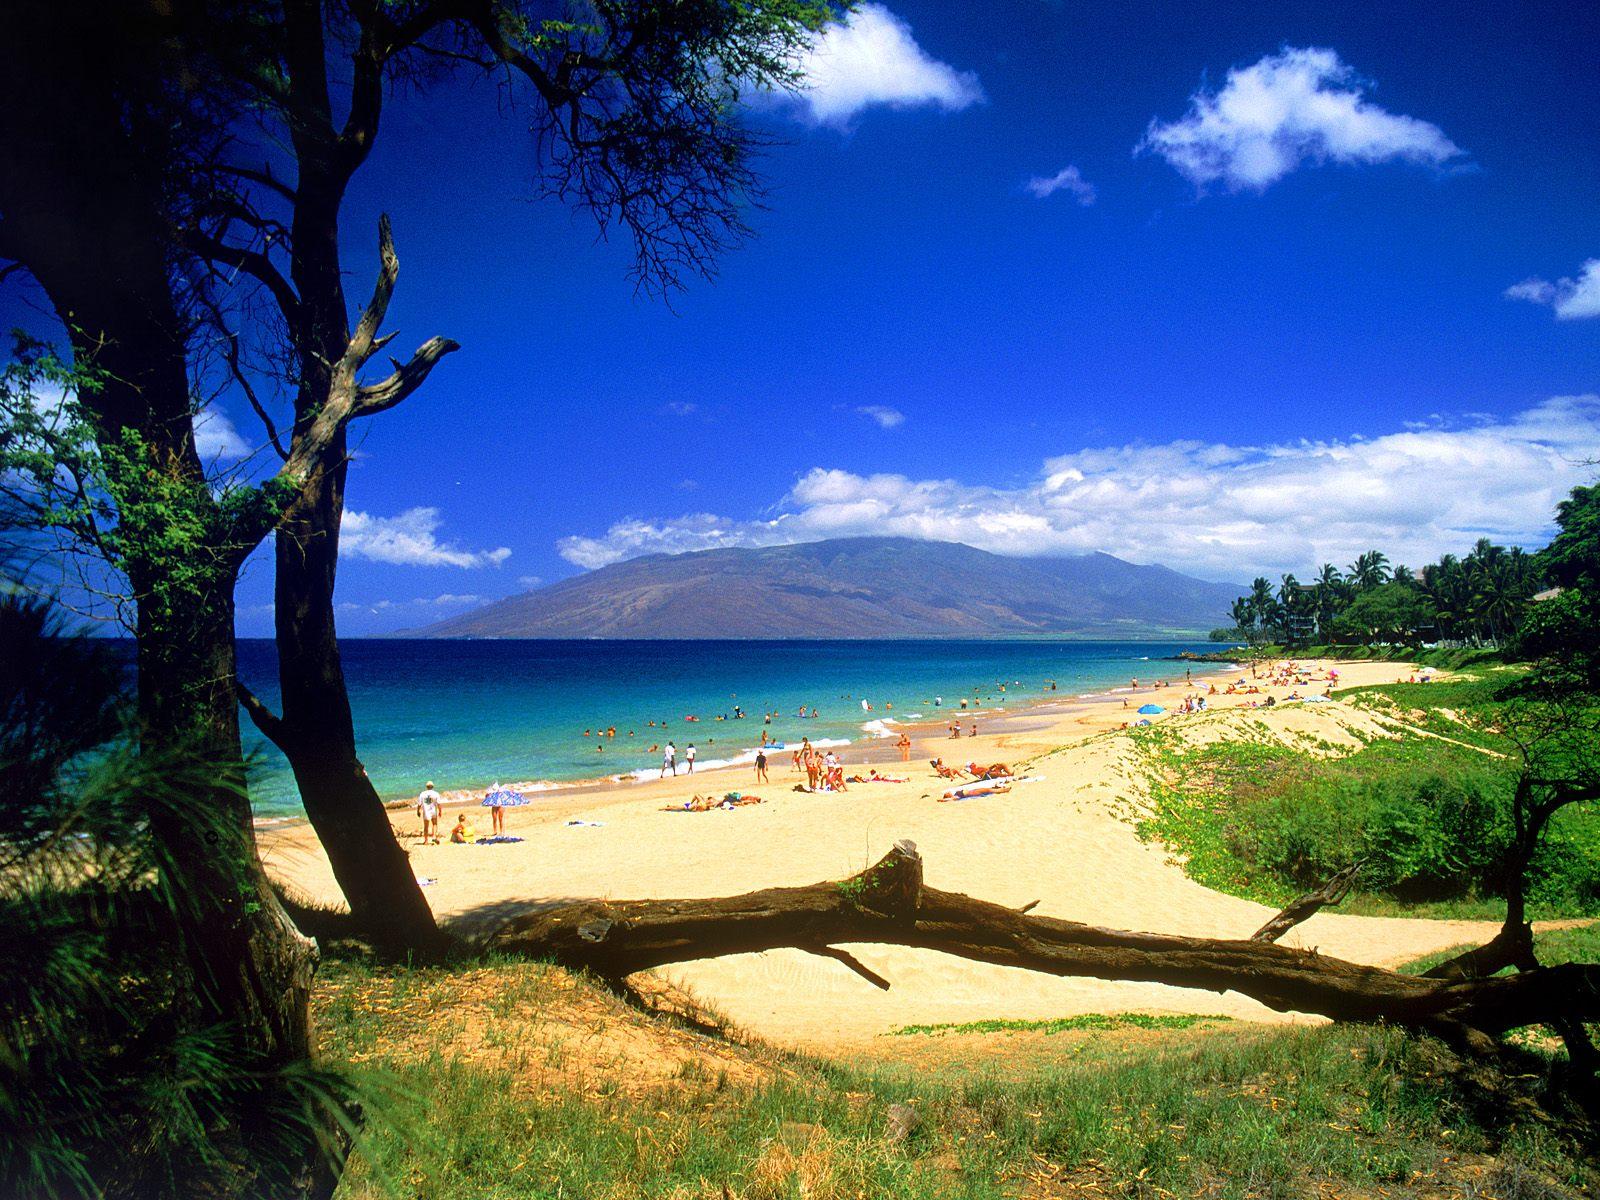 Summer desktop wallpapers and download best Summer desktop backgrounds 1600x1200